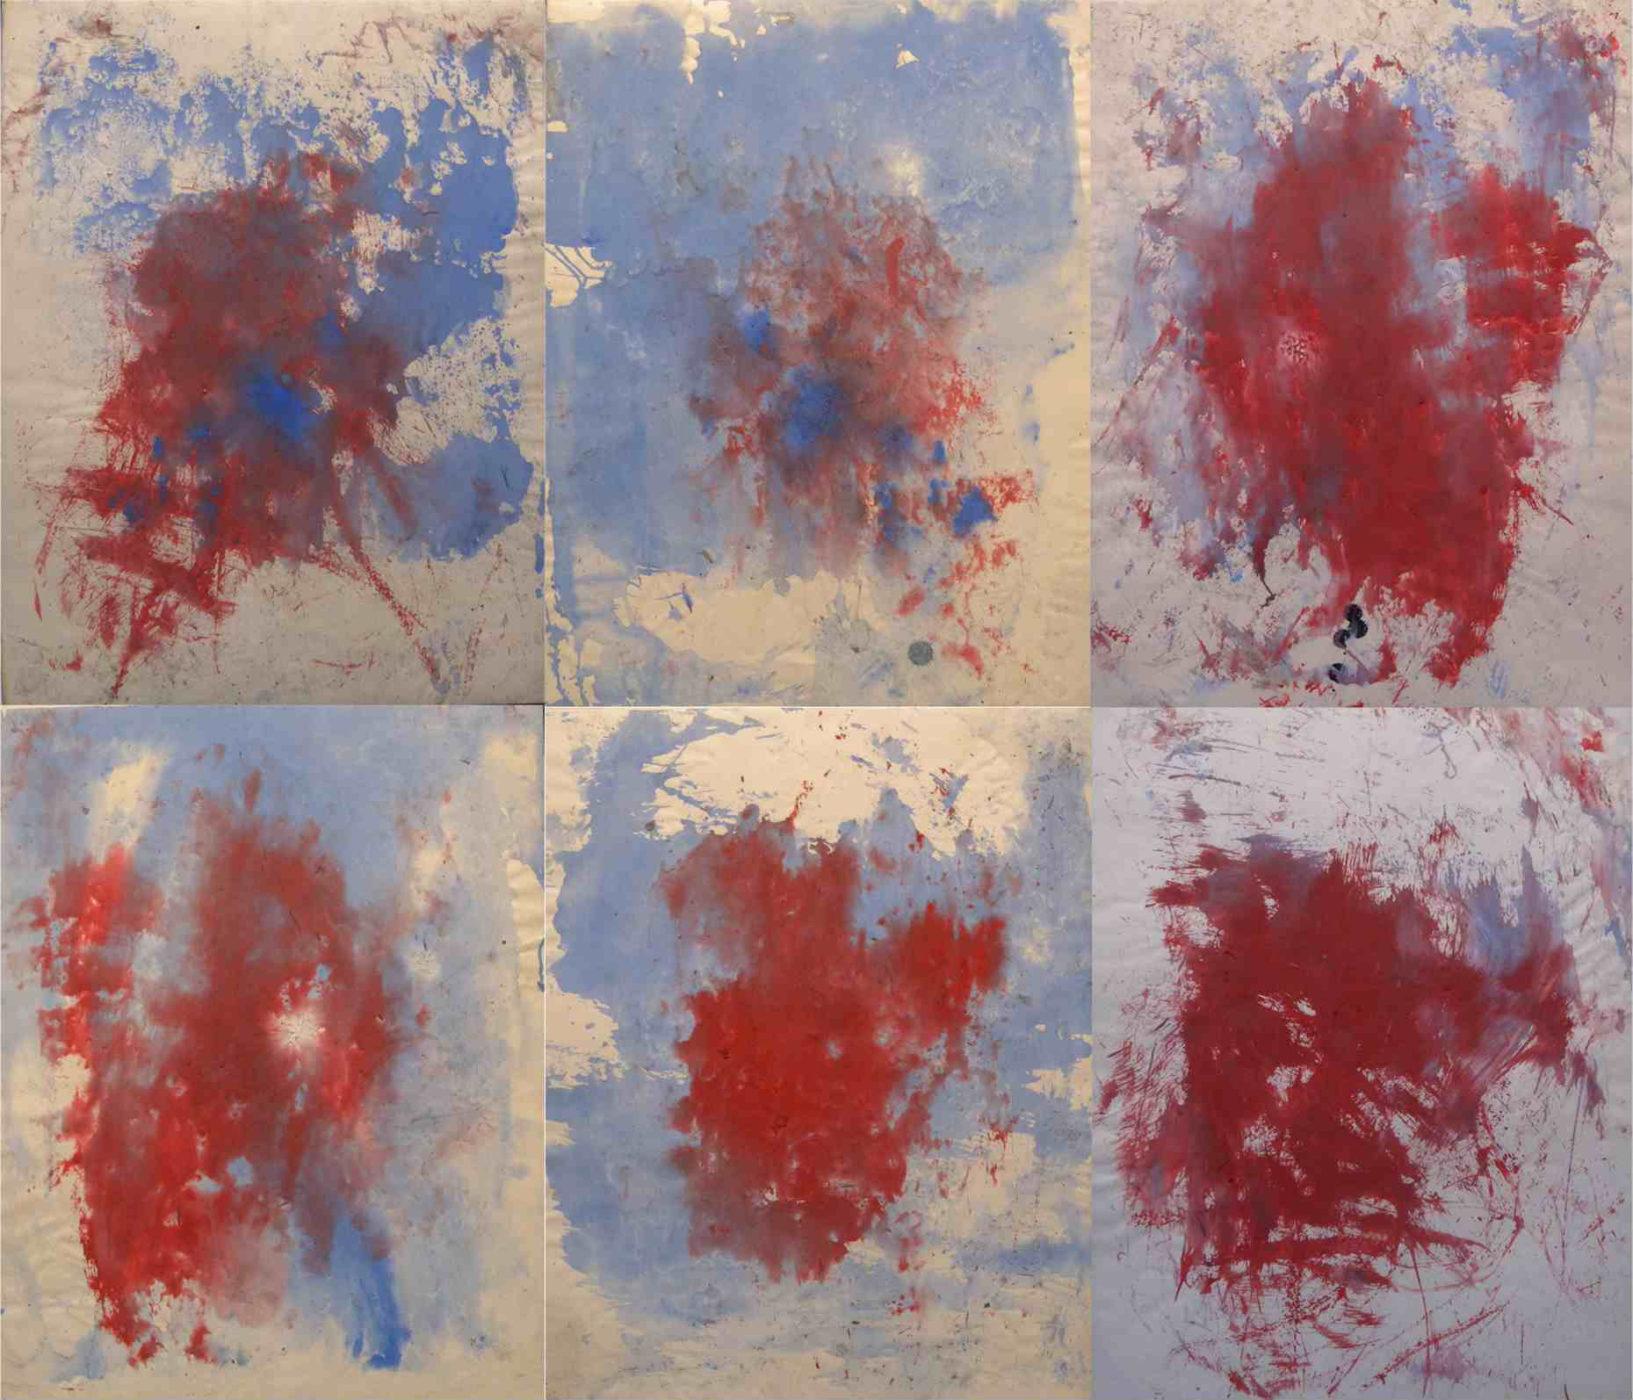 MARC FELD 2016 VENTS Huile et acrylique sur papier marouflé sur toile 150 x 130 cm